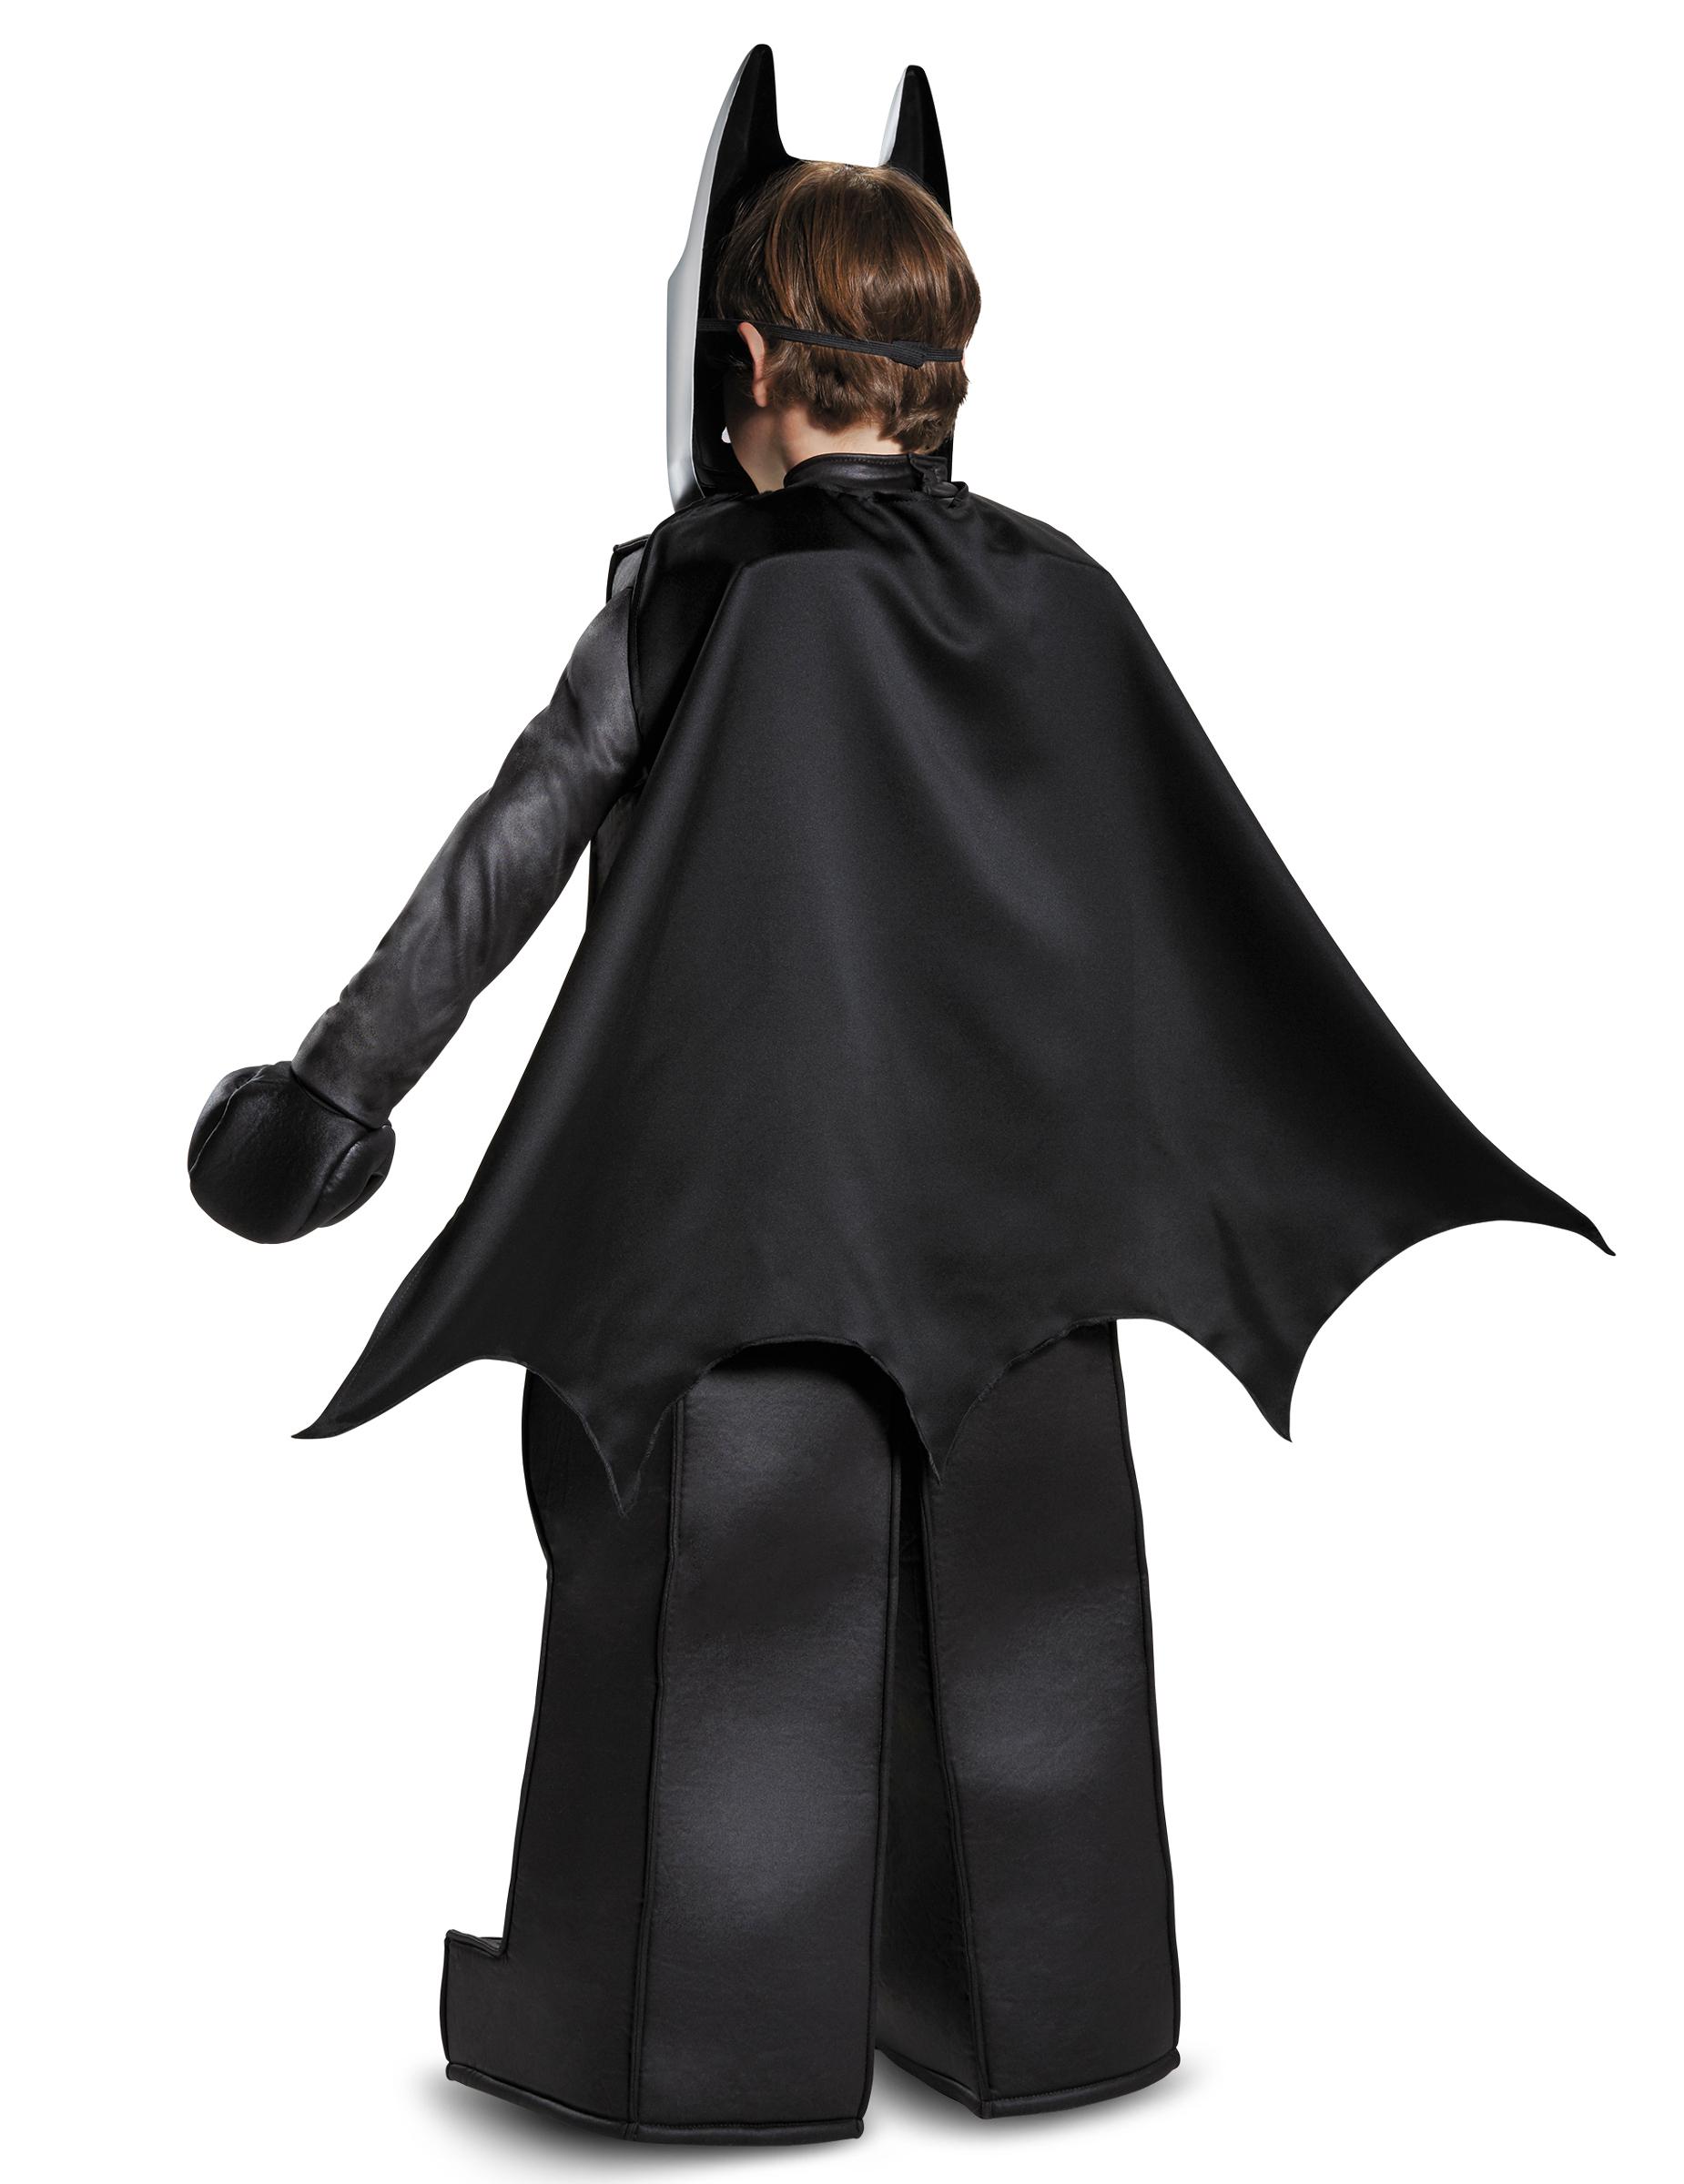 D guisement prestige batman lego movie enfant deguise toi achat de d guisements enfants - Deguisement tete de lego ...